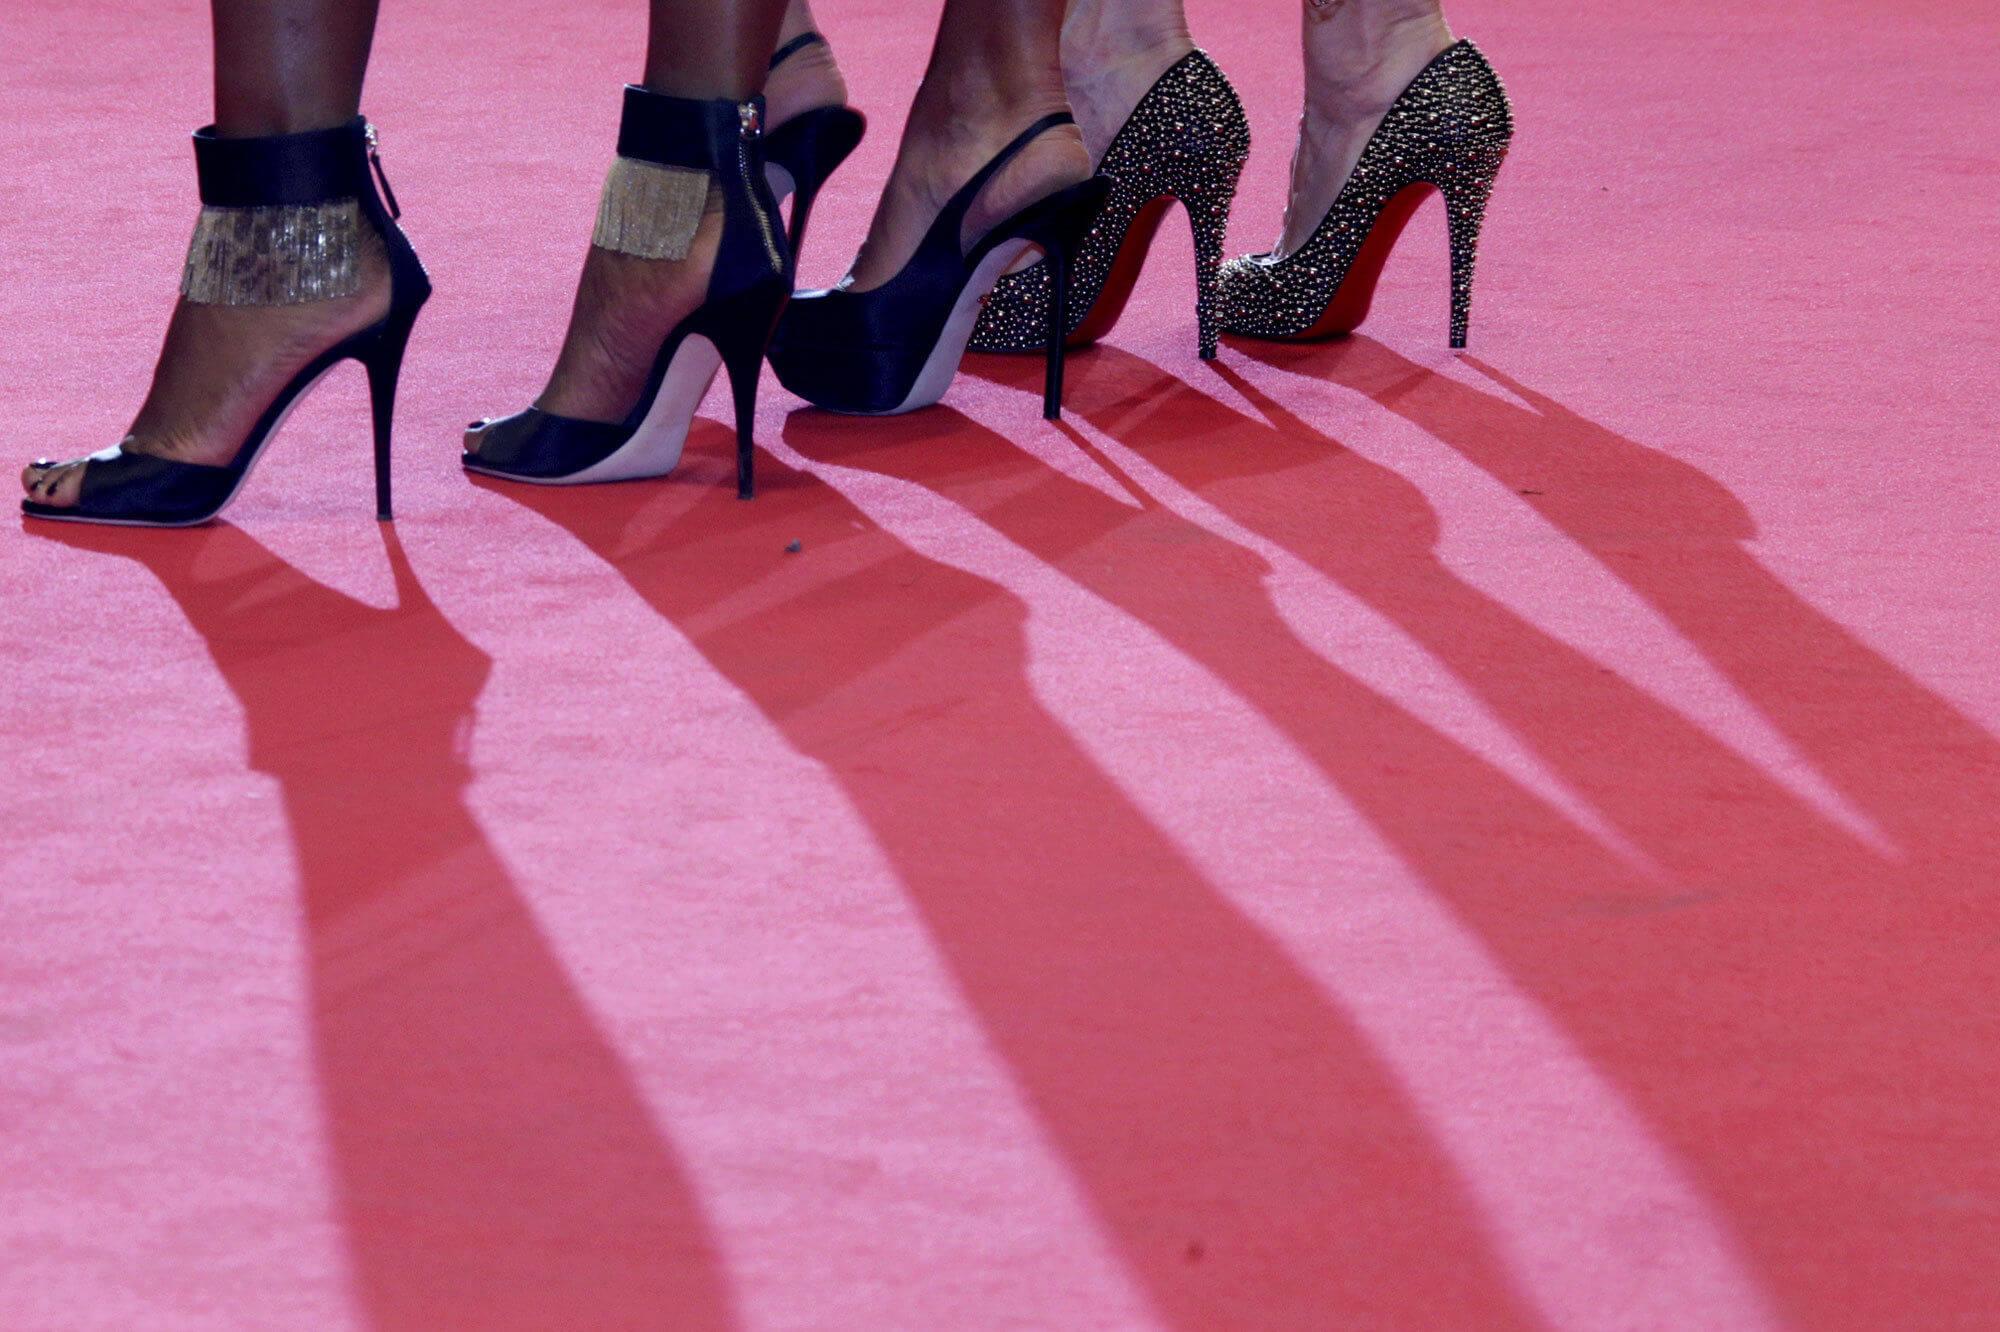 placer vos chaussures au congélateur